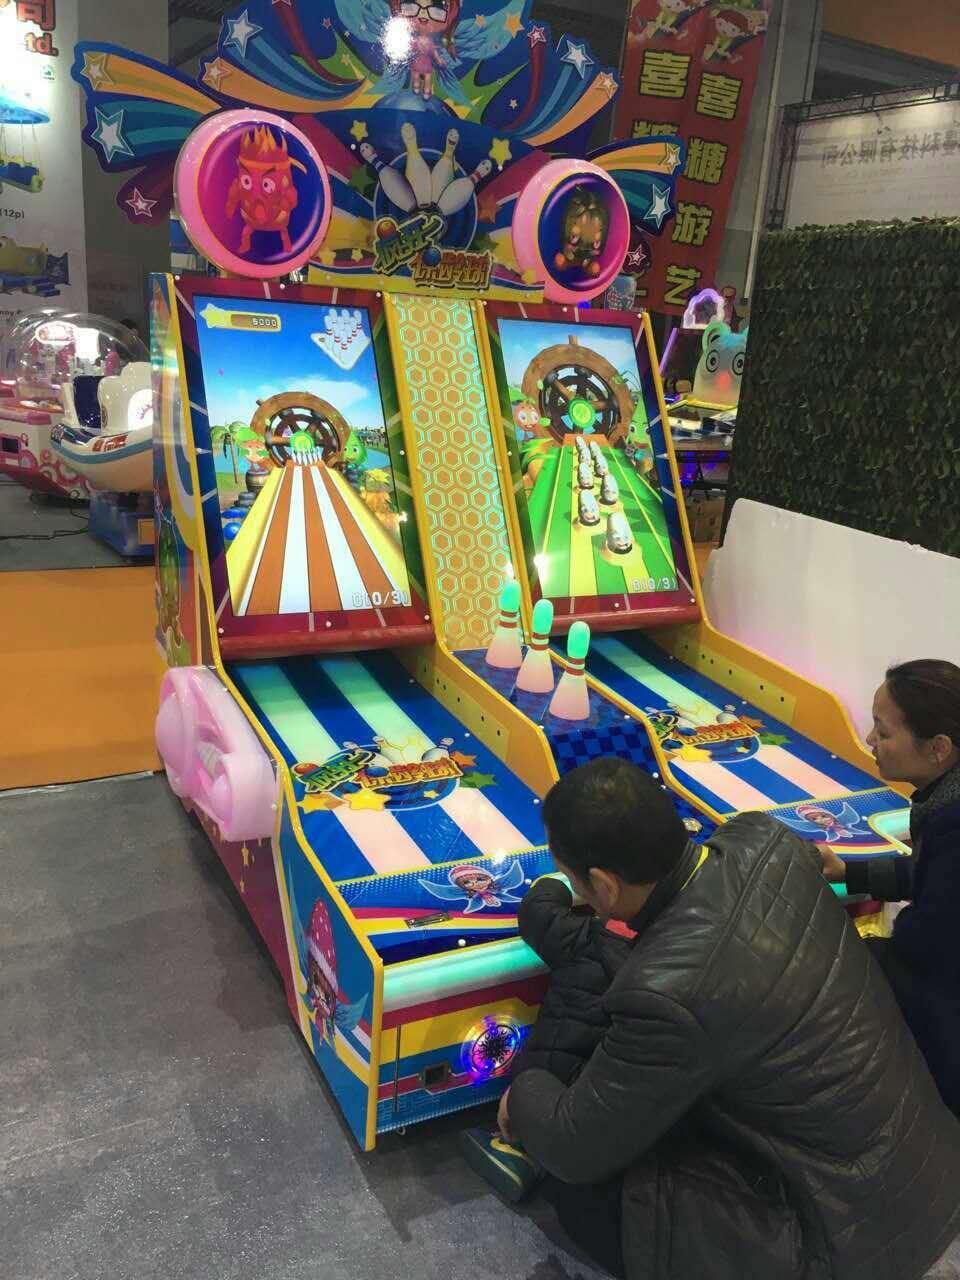 儿童游艺机价格如何|想买新品儿童游艺机就来广州金亿莱电子